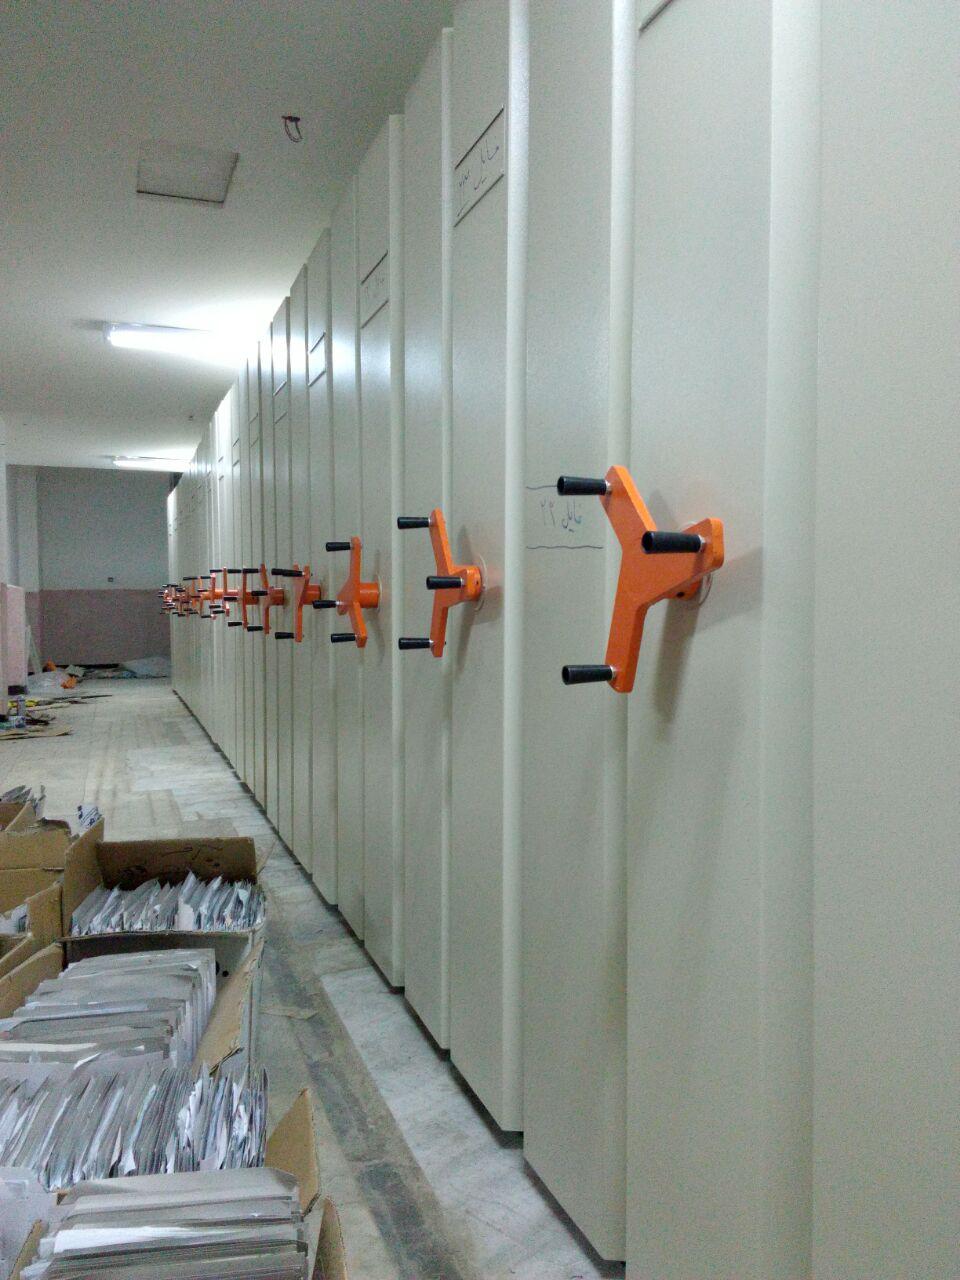 سیستم بایگانی ریلی |قفسه ریلی اداری کارسیس|تولید بایگانی ریلی